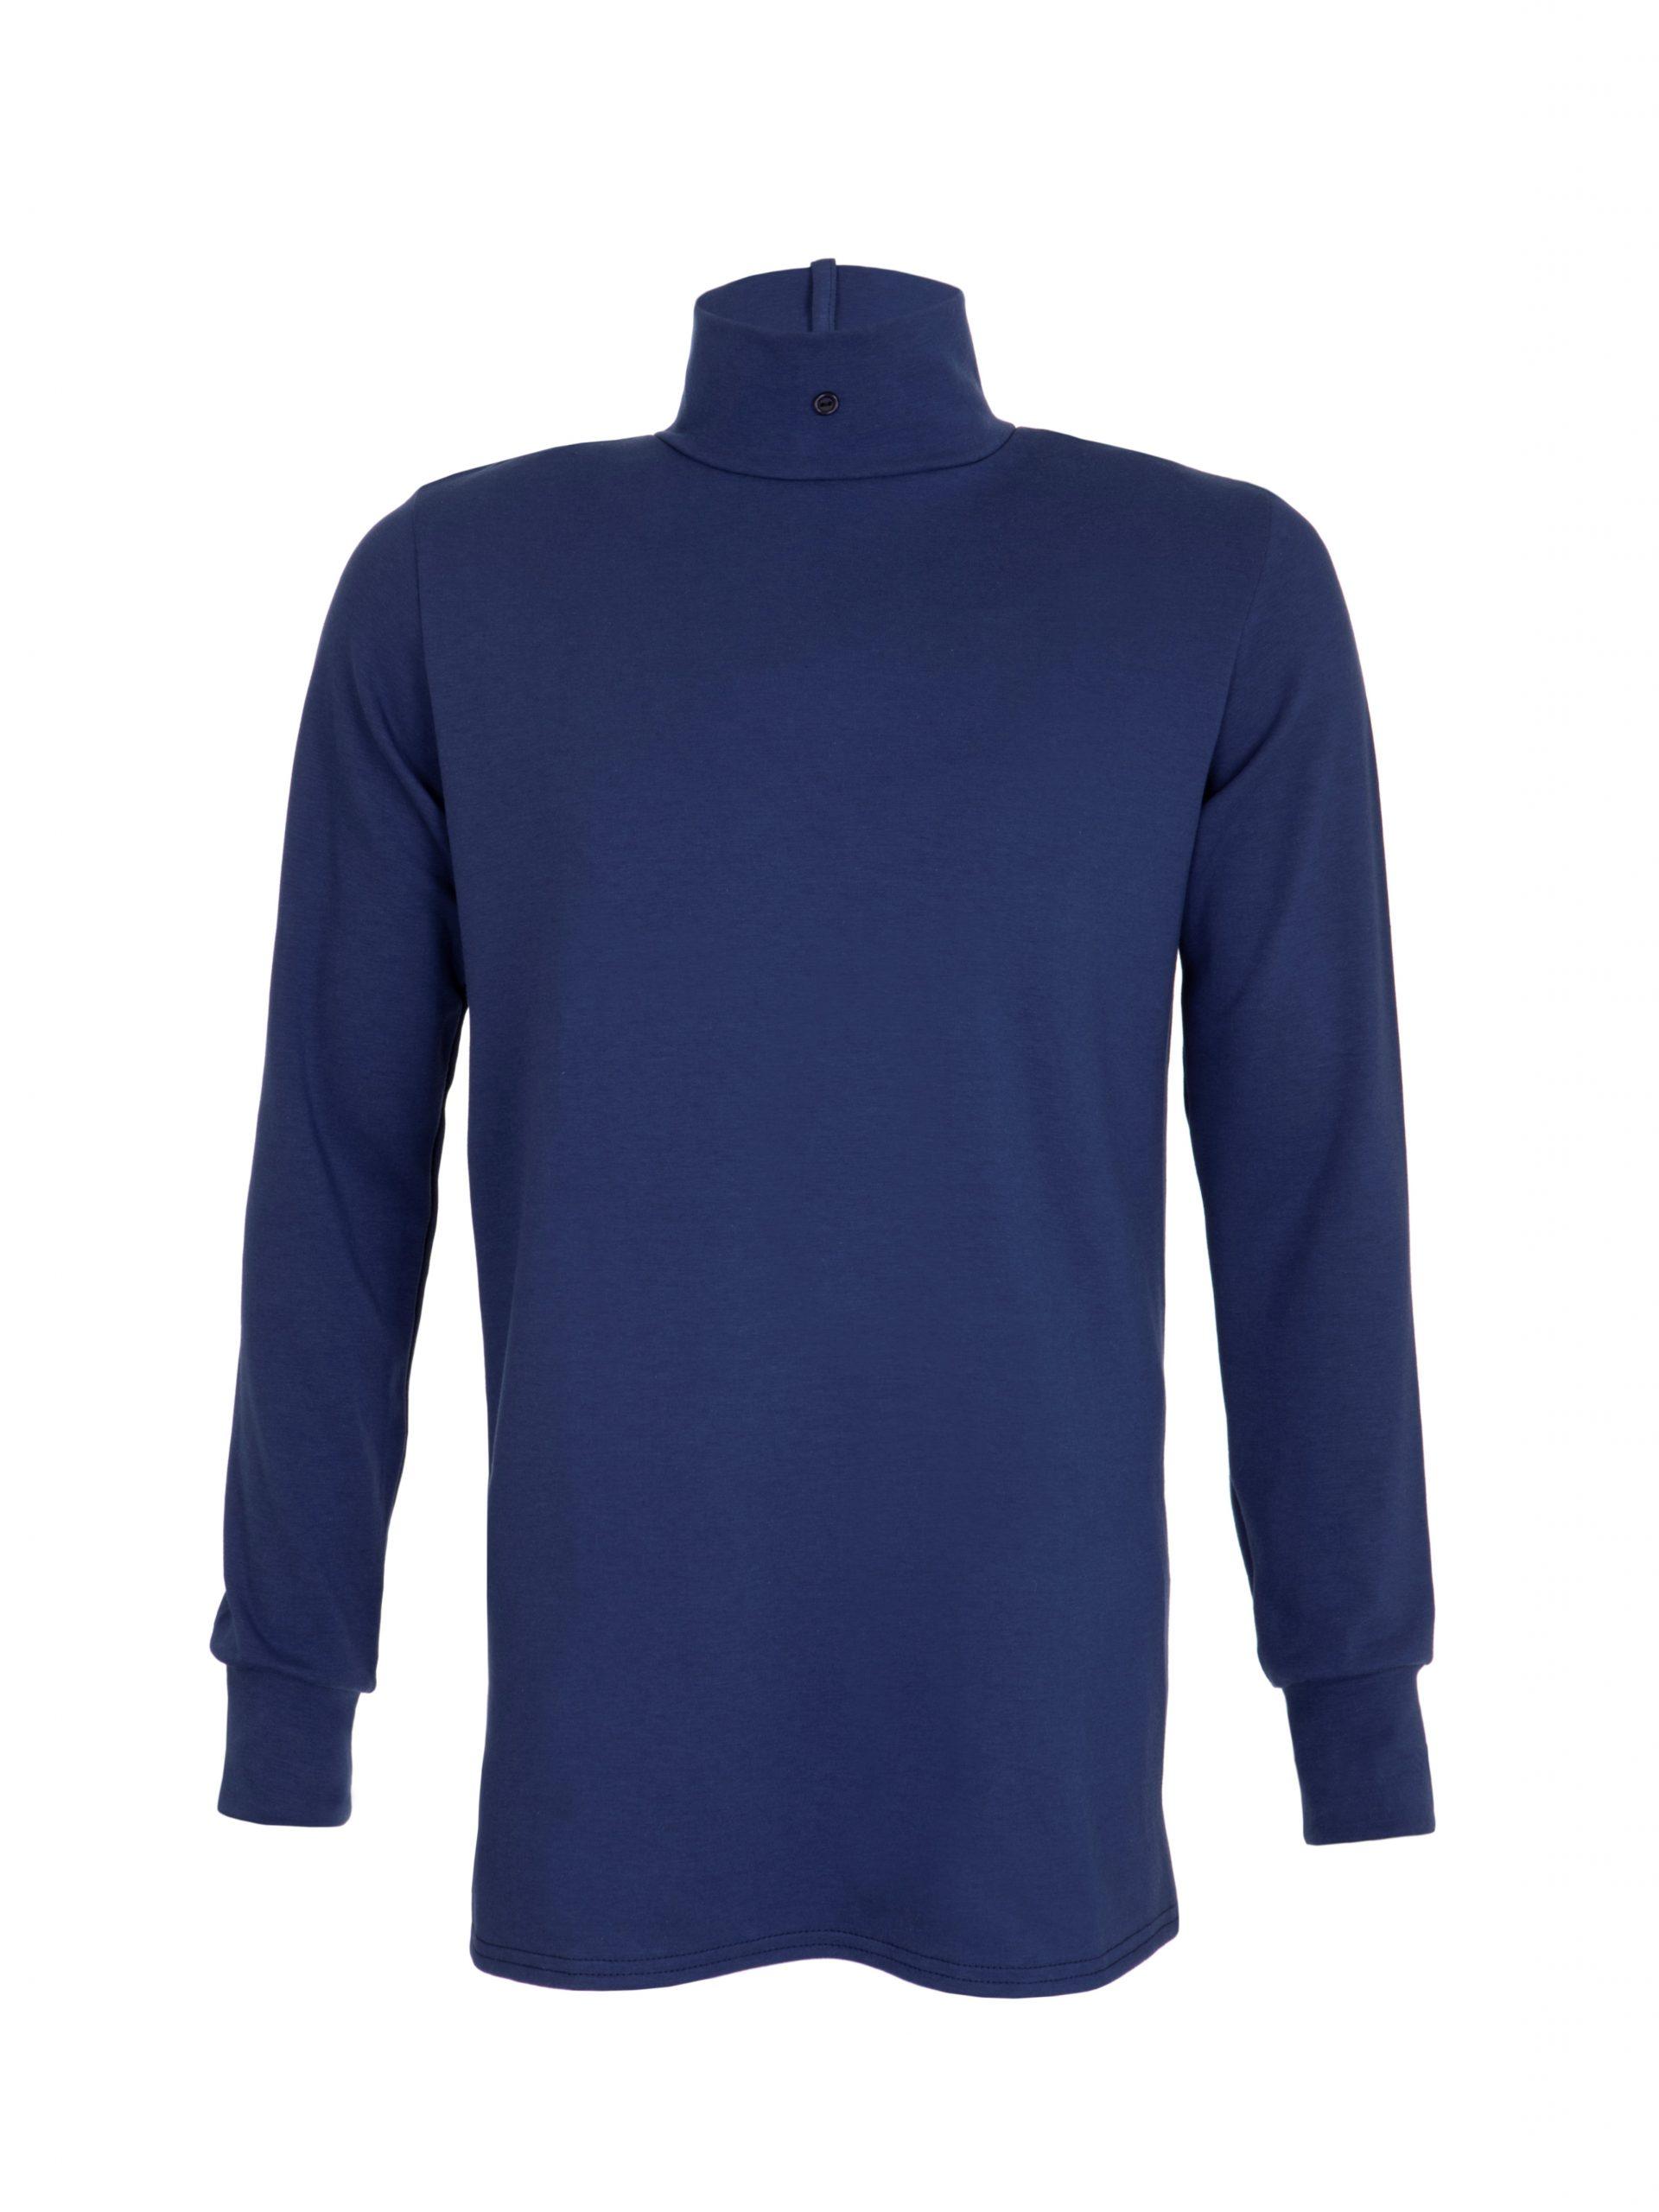 blue winter stock shirt